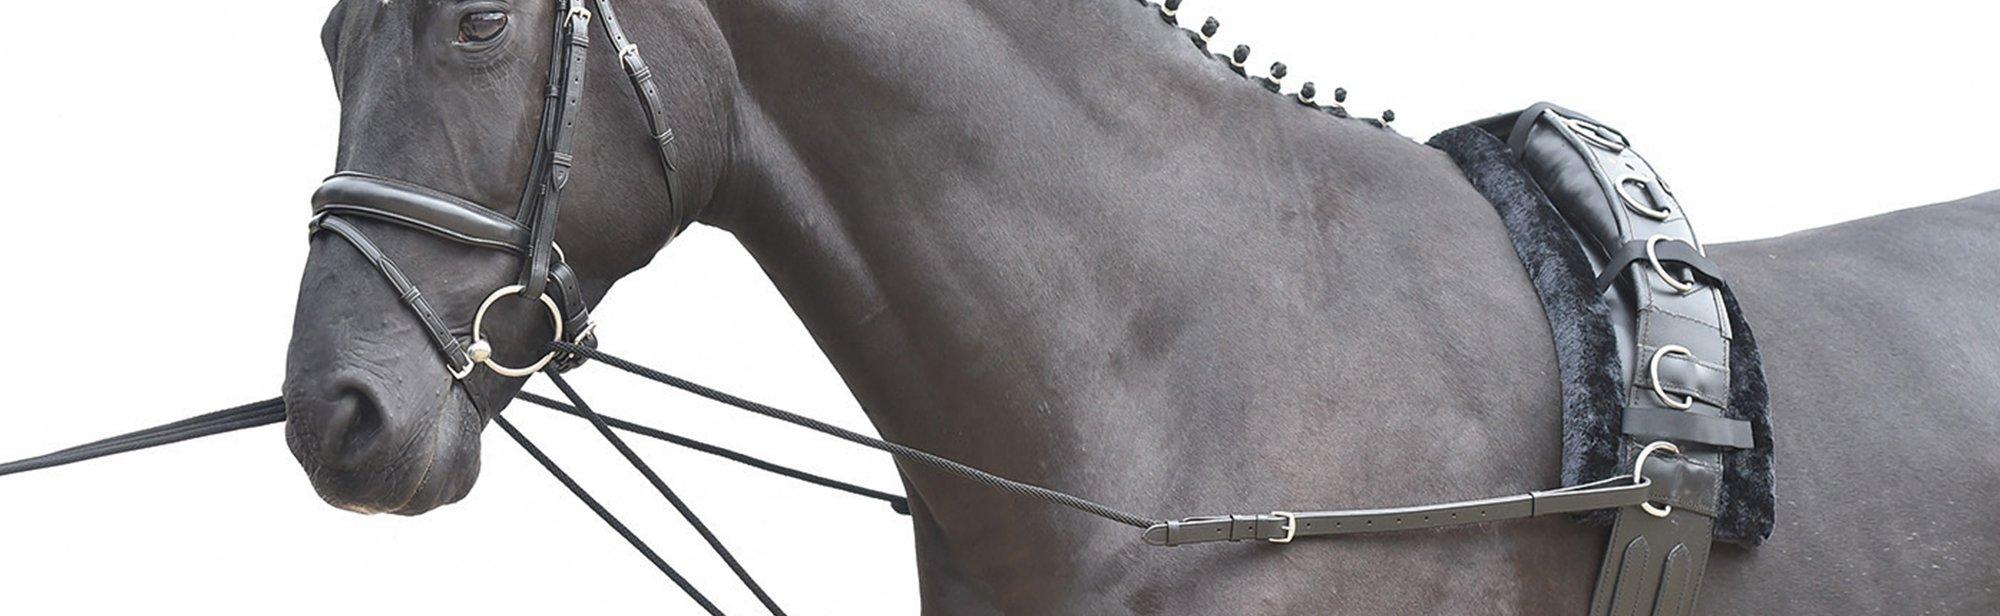 Hilfszügel zum Reiten und Longieren, Hilfszügel für Pferde